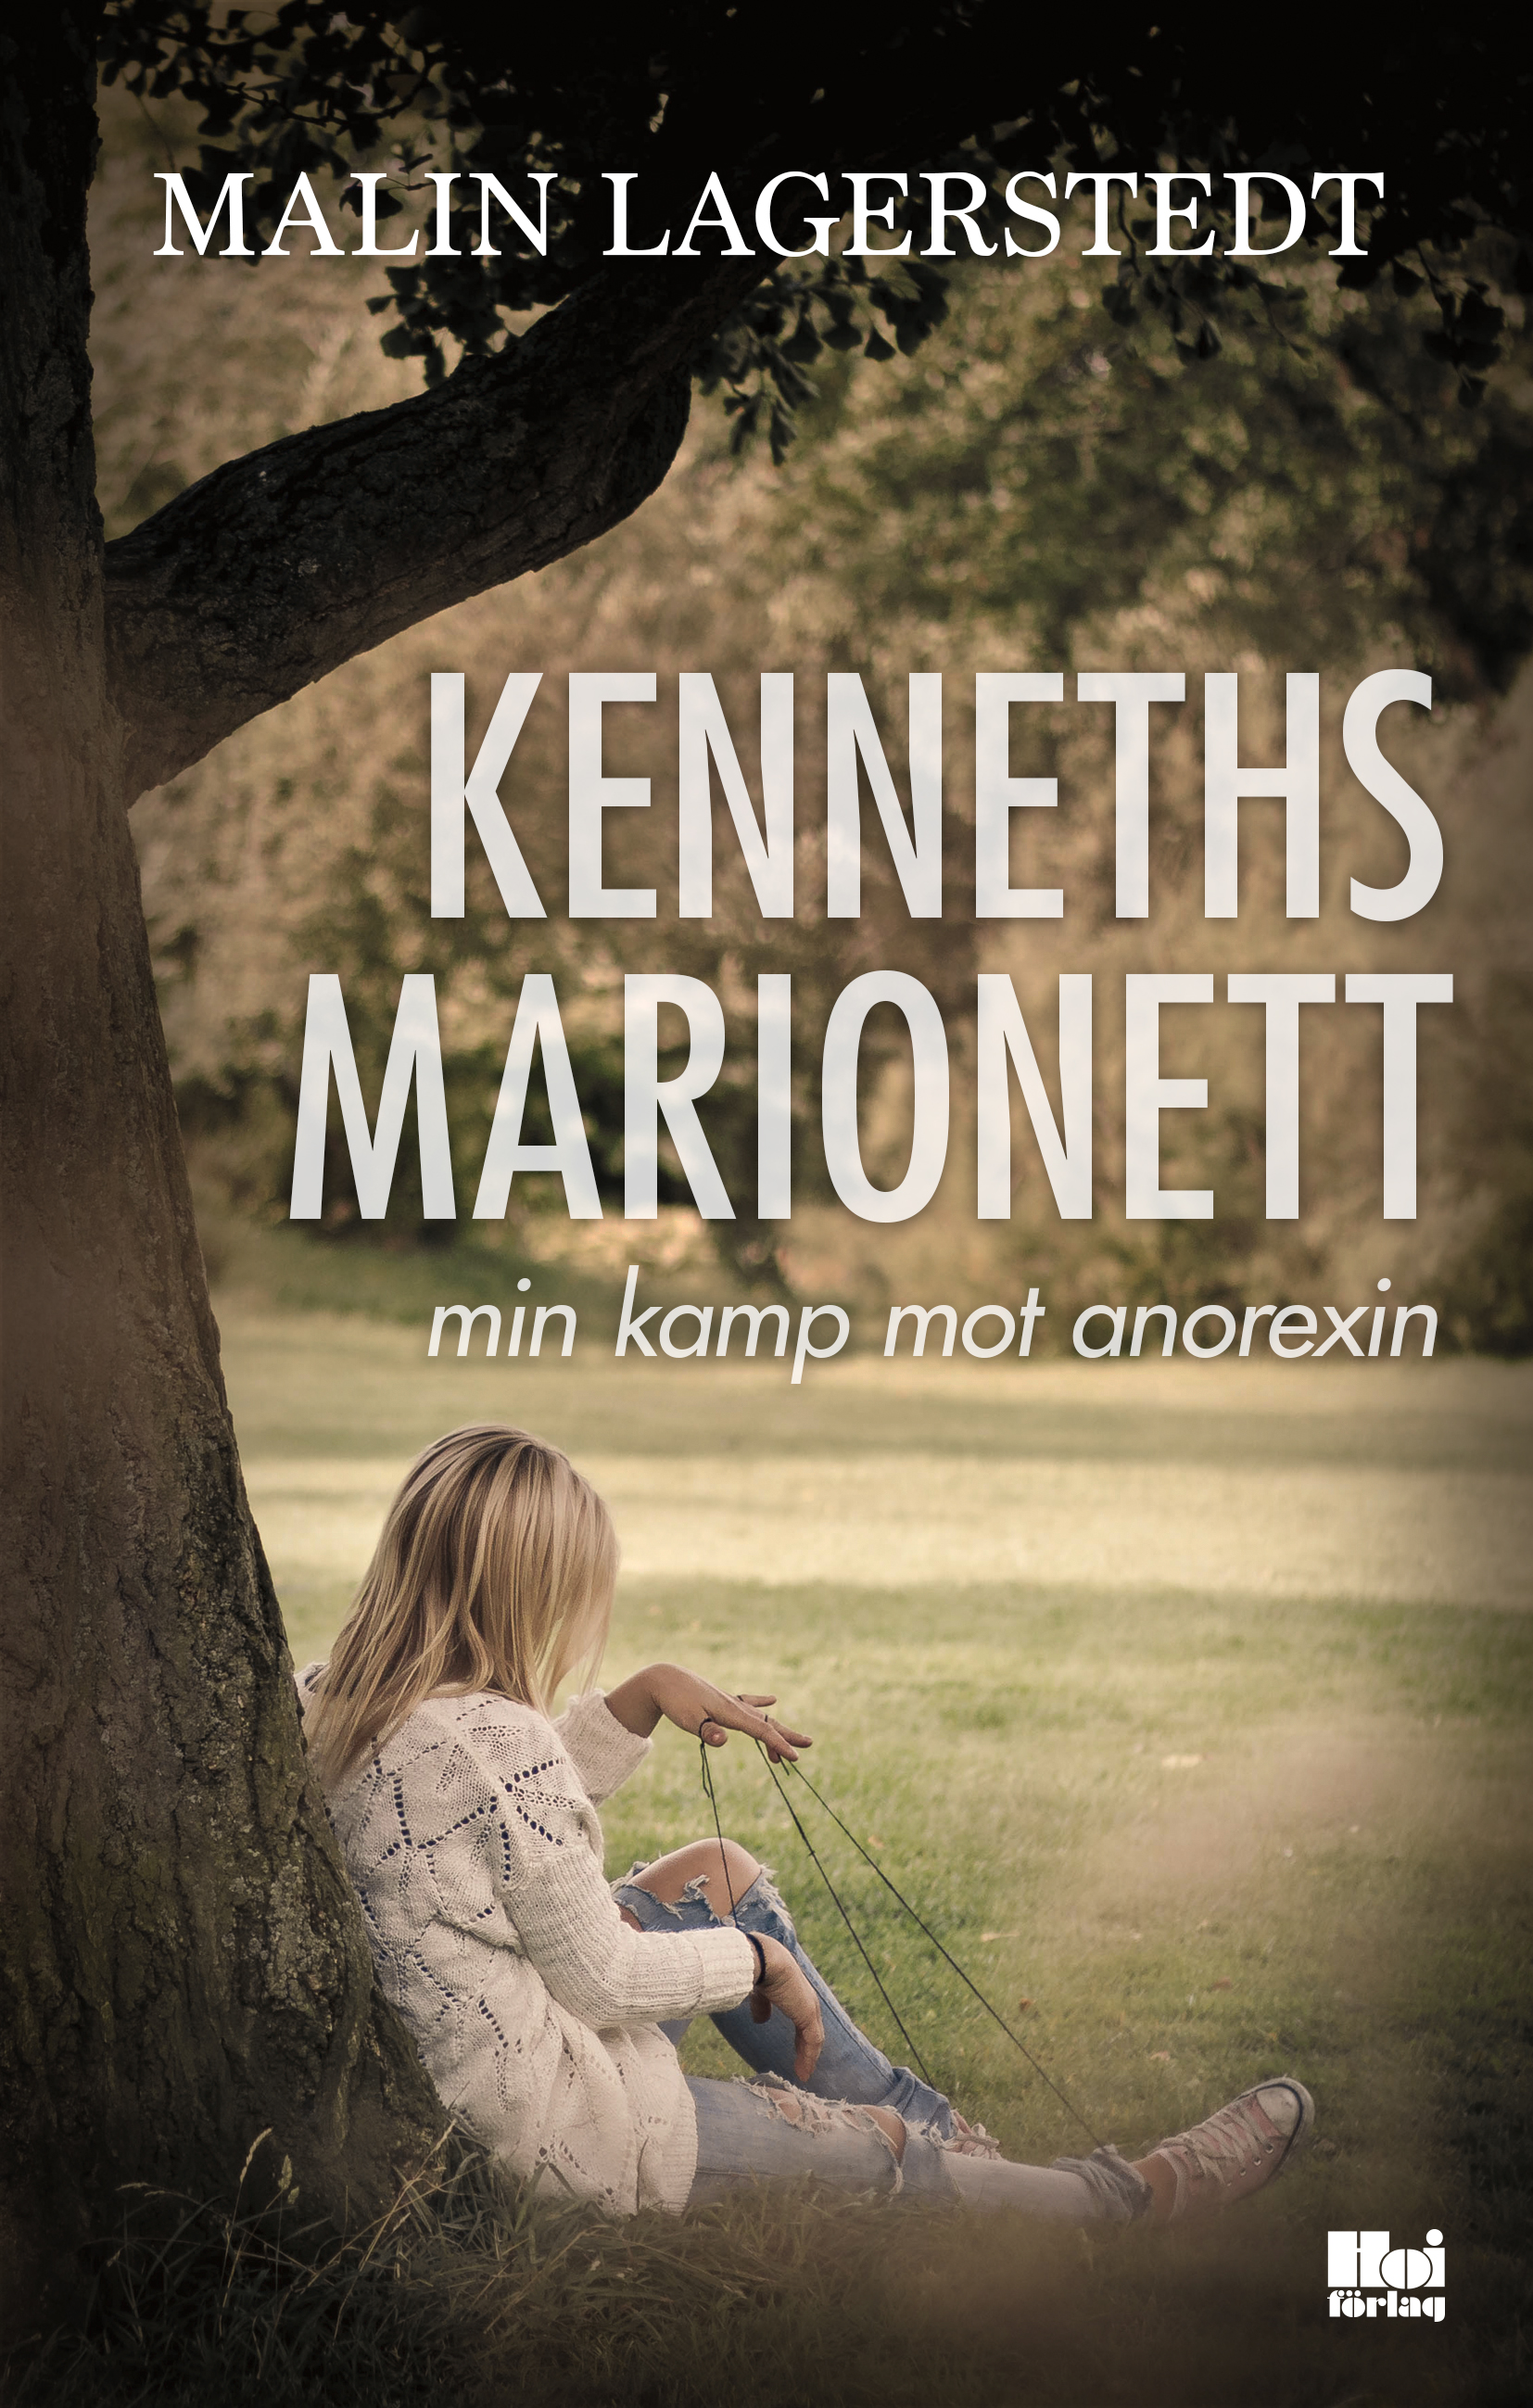 Kenneths marionett